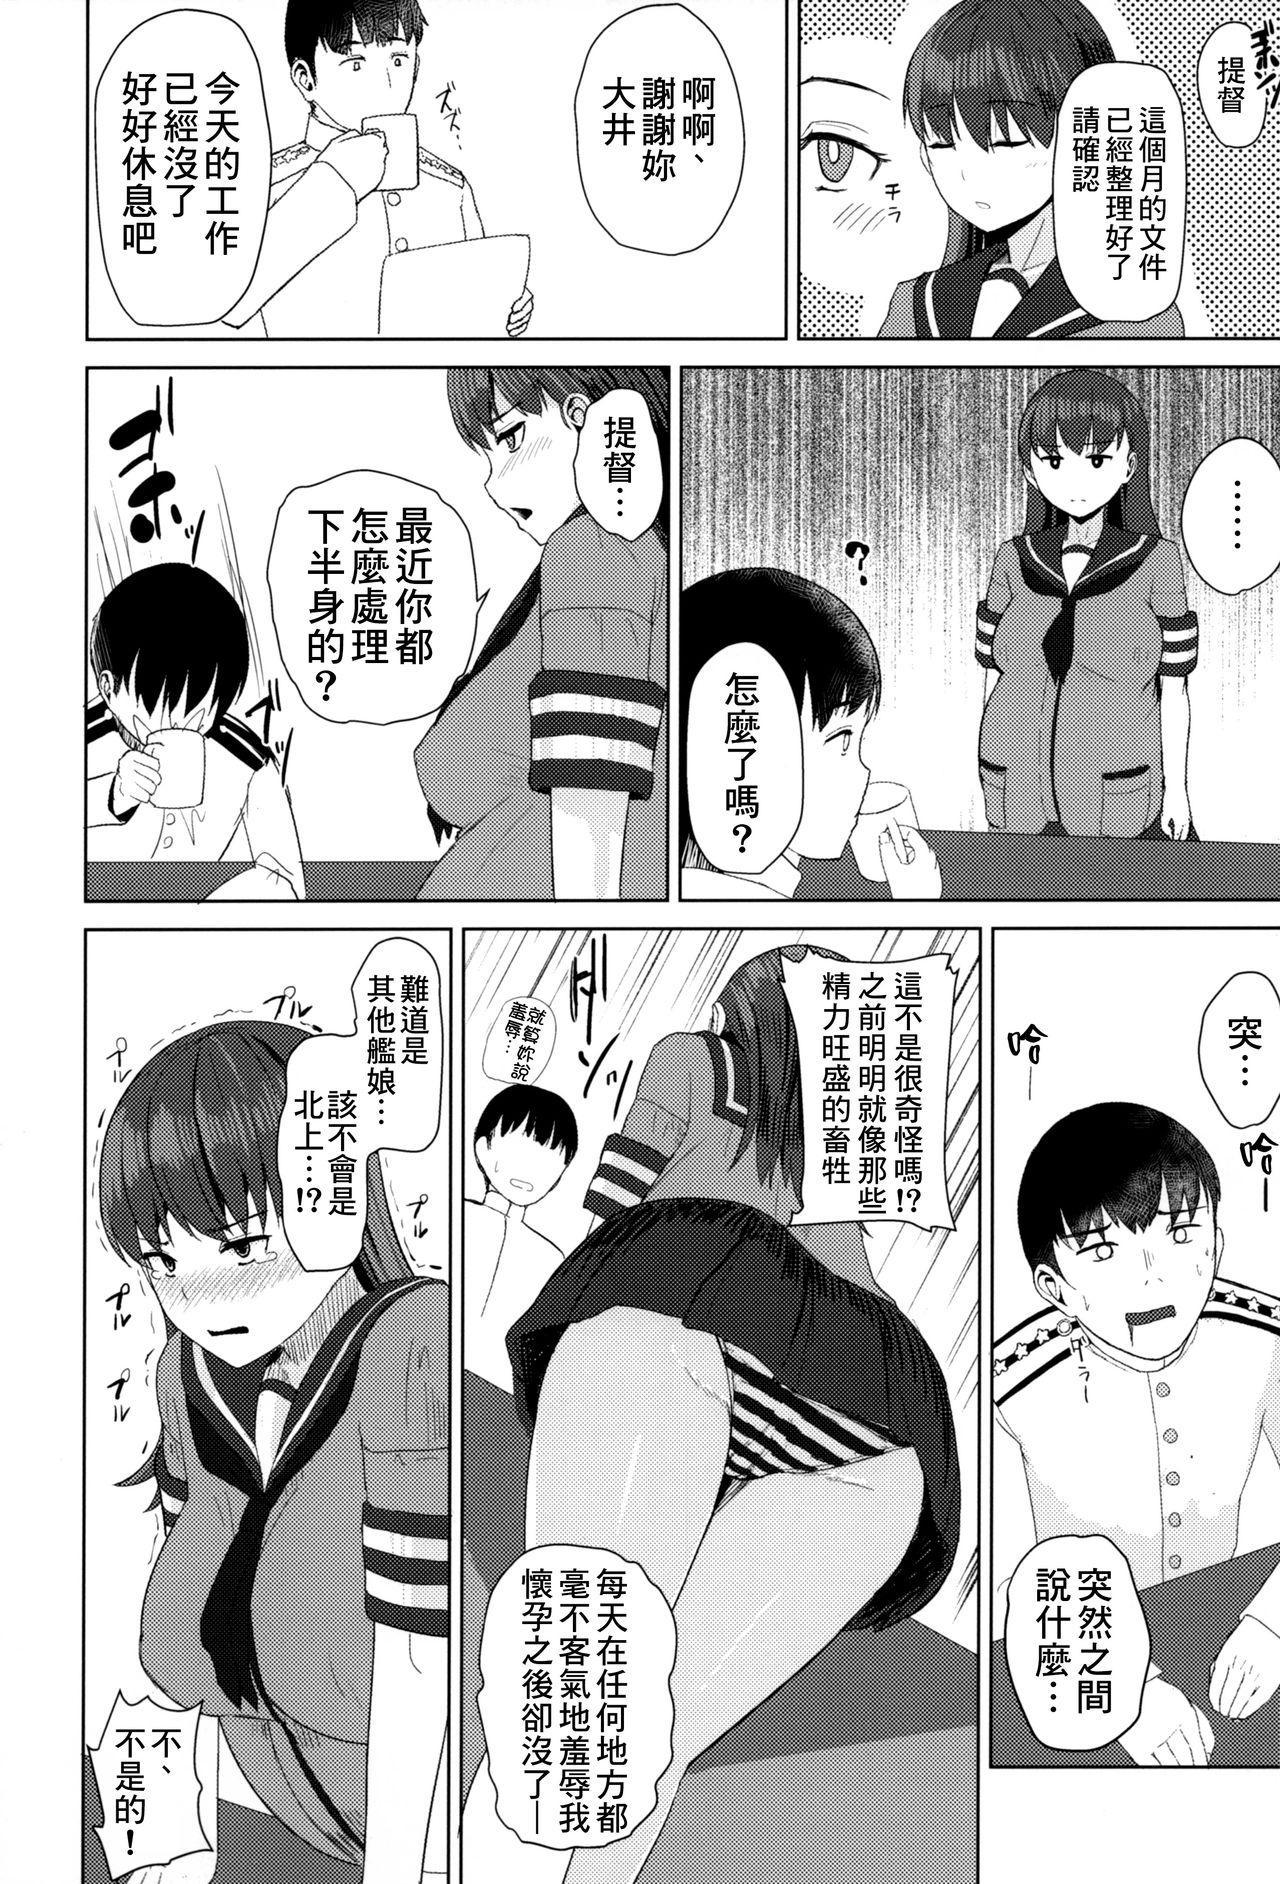 Ooicchi ni Aka-chan ga Imasu 11